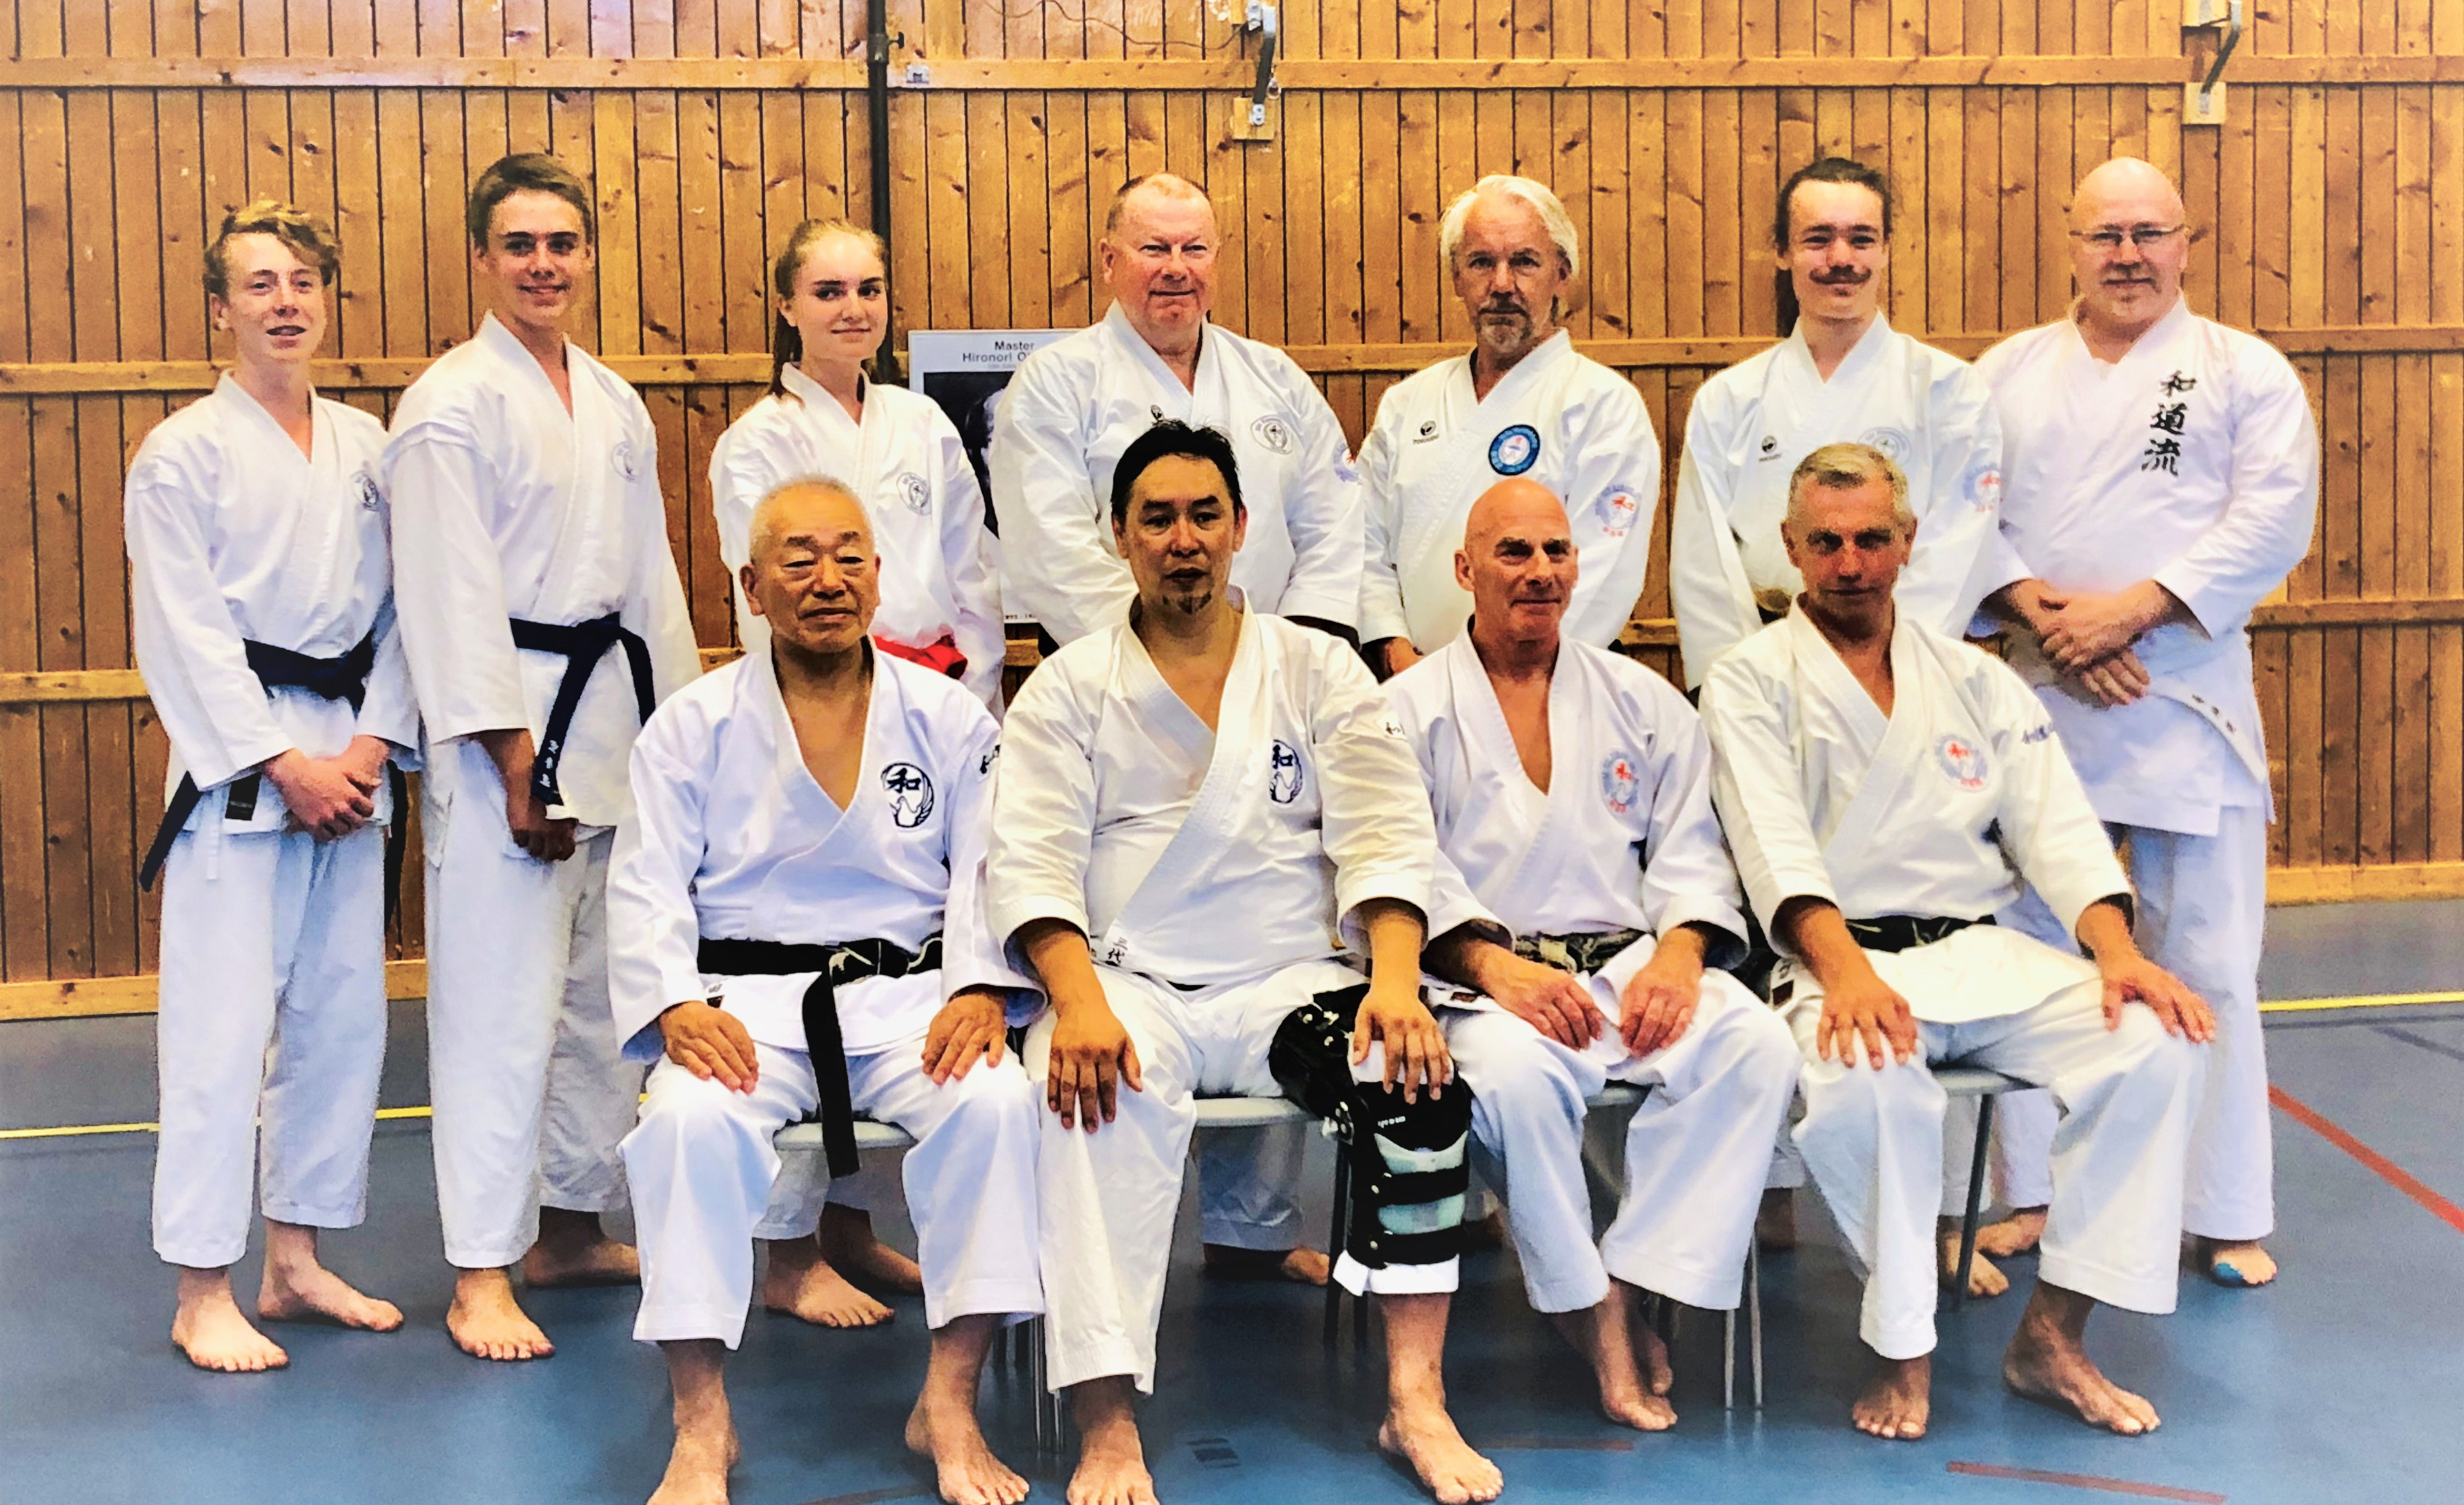 Trenere og mastere